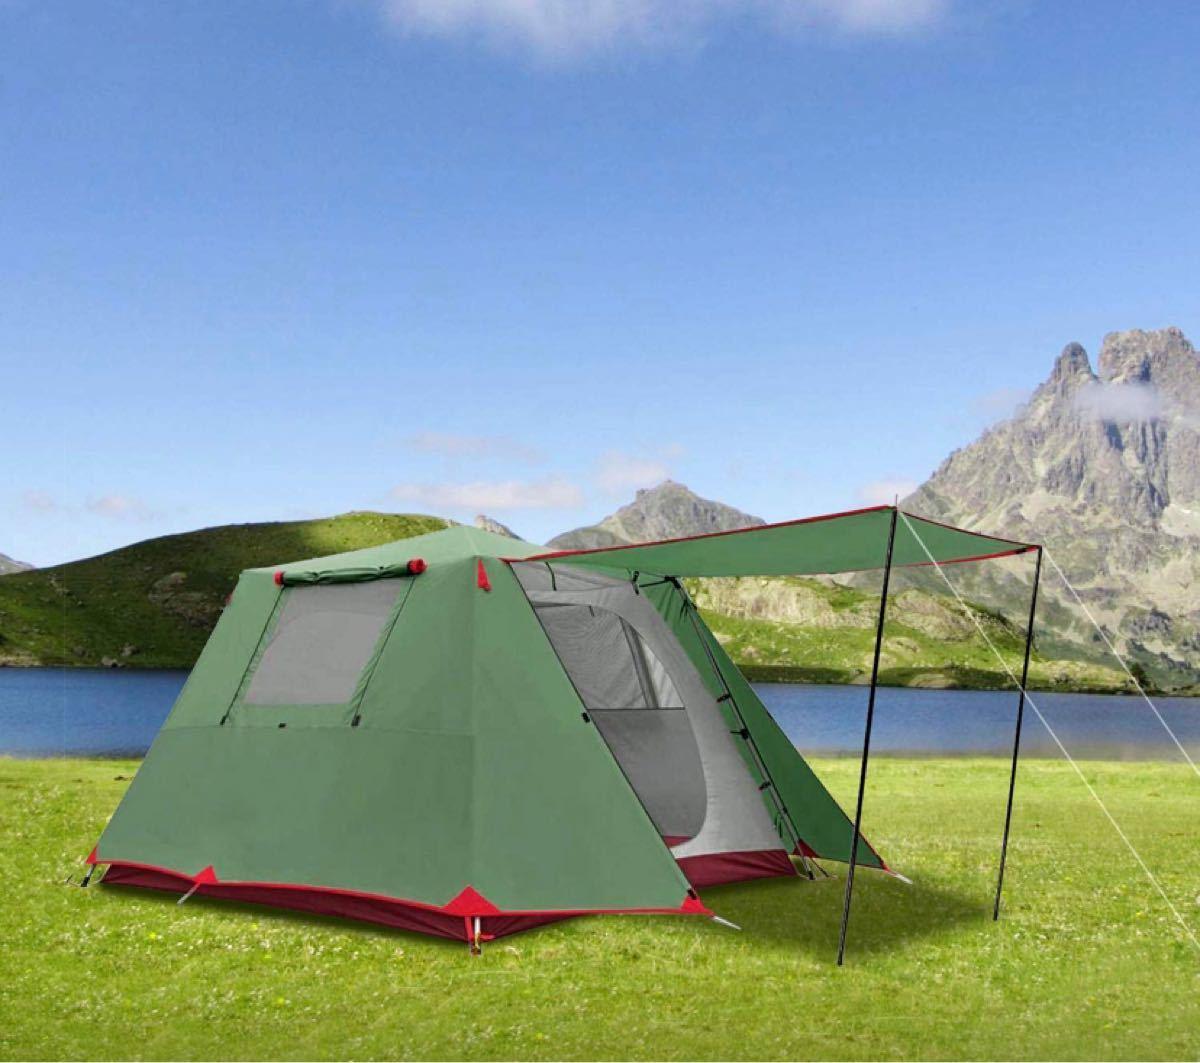 テント タープ用ポール 伸縮ポール ライトタープポール 無断階調整式